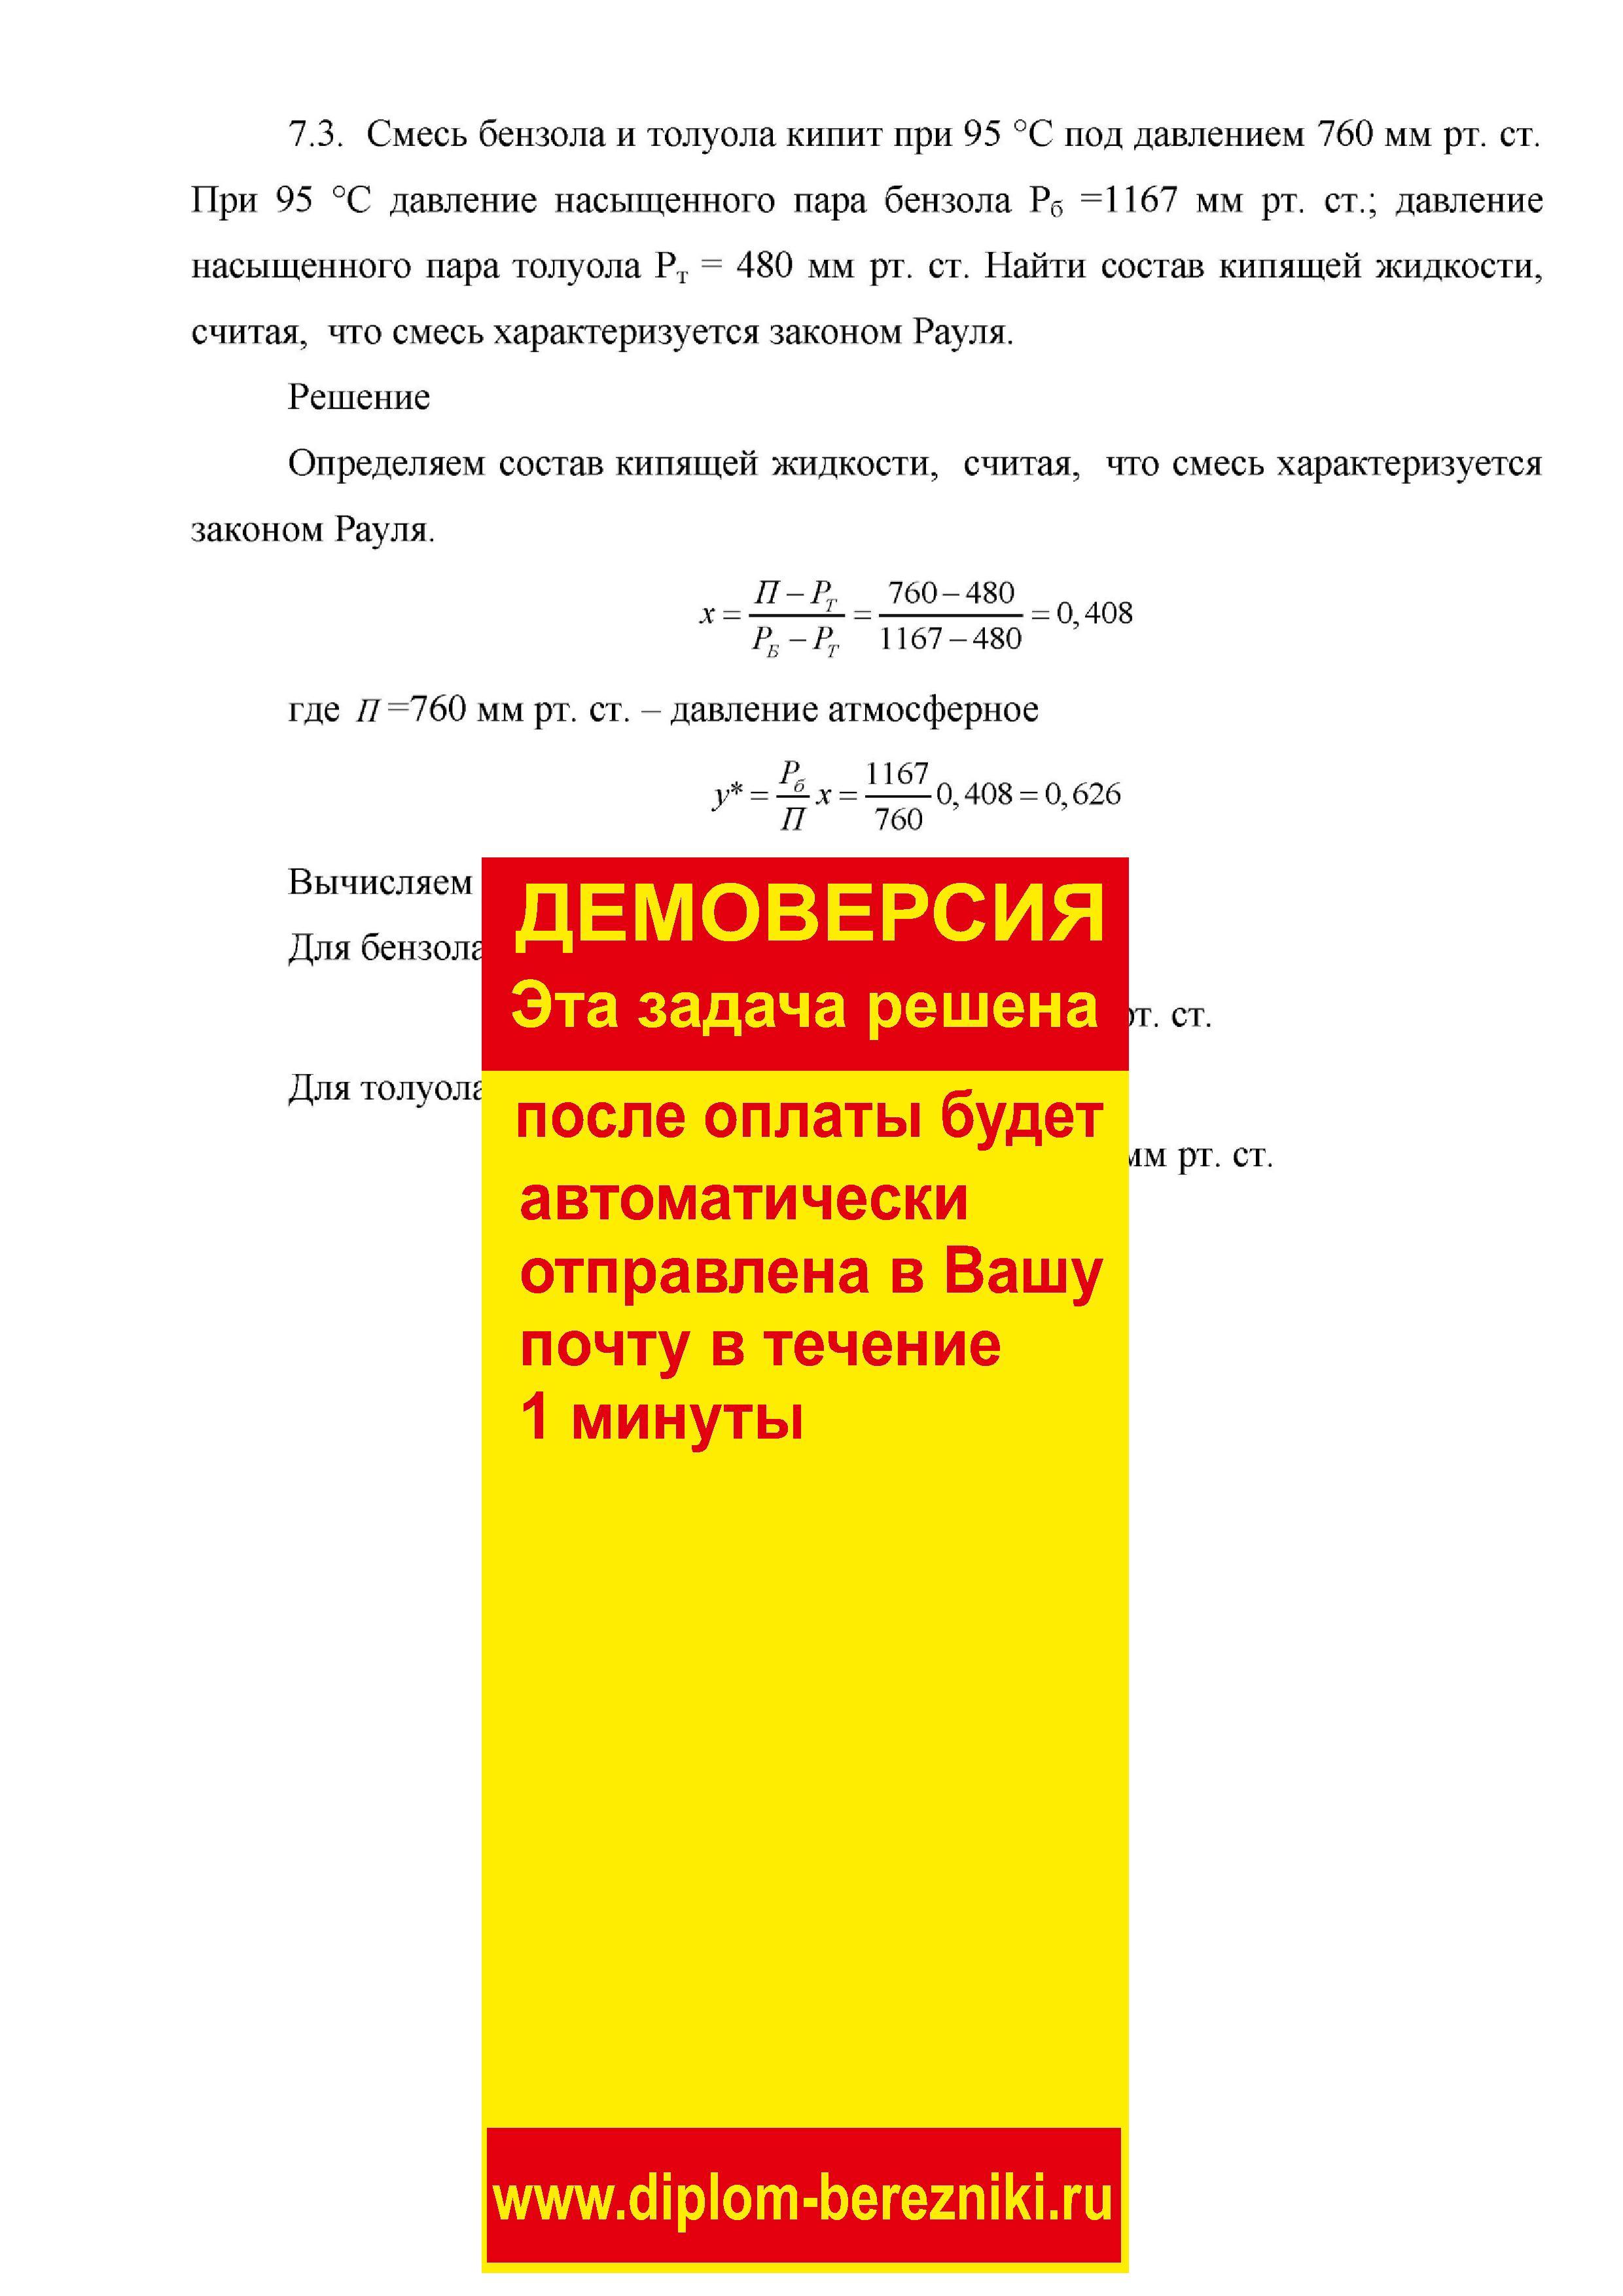 Решение задачи 7.3 по ПАХТ из задачника Павлова Романкова Носкова